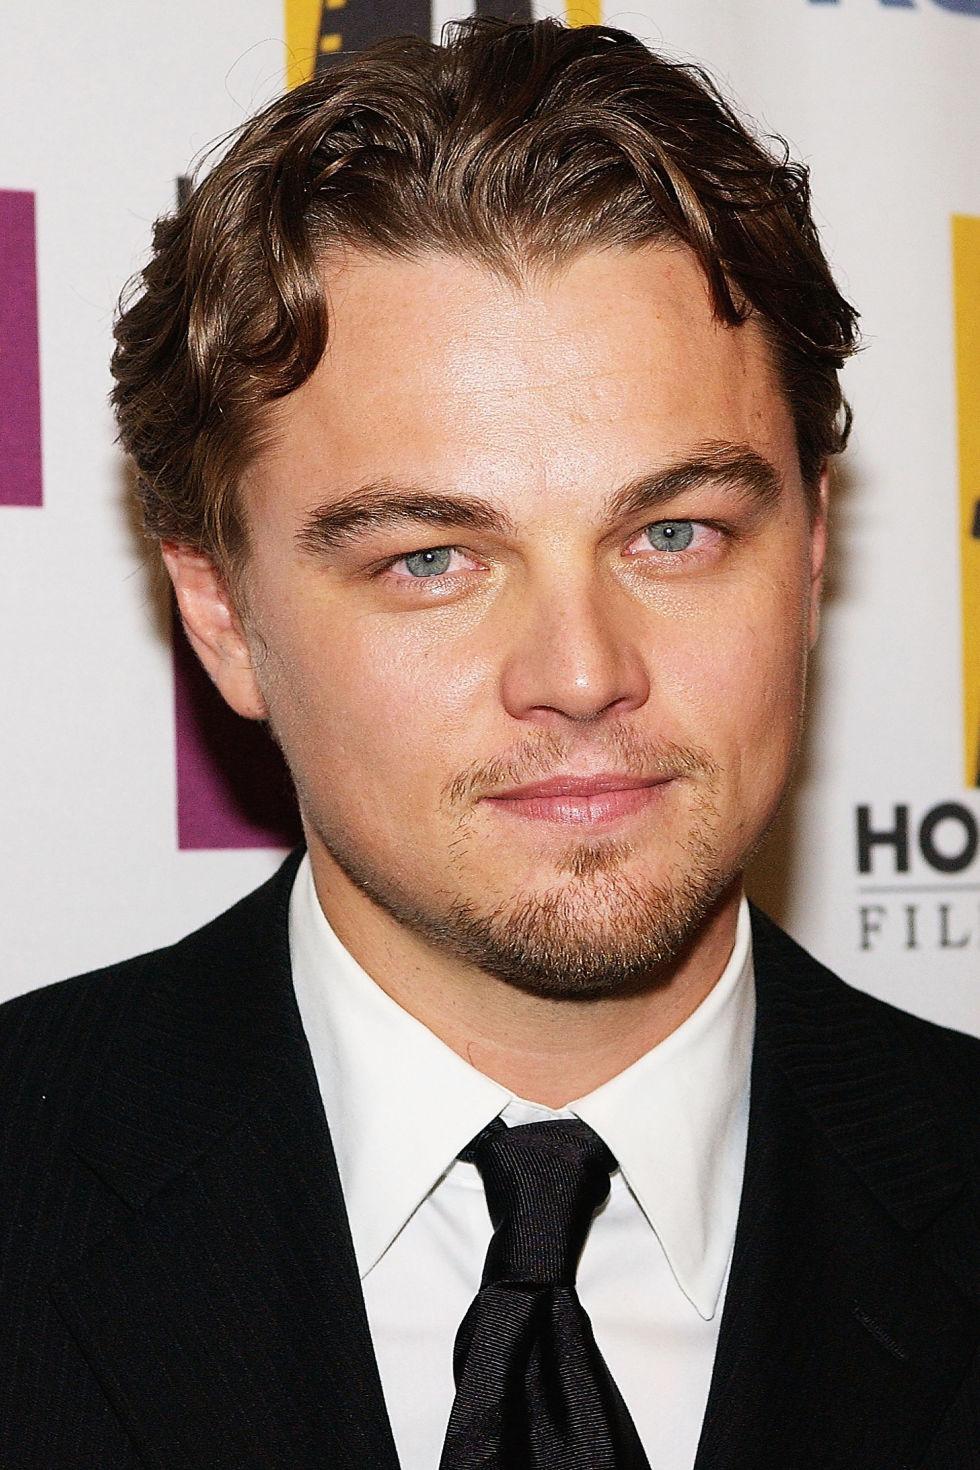 Mira La Evolucin De Leonardo DiCaprio En Hollywood